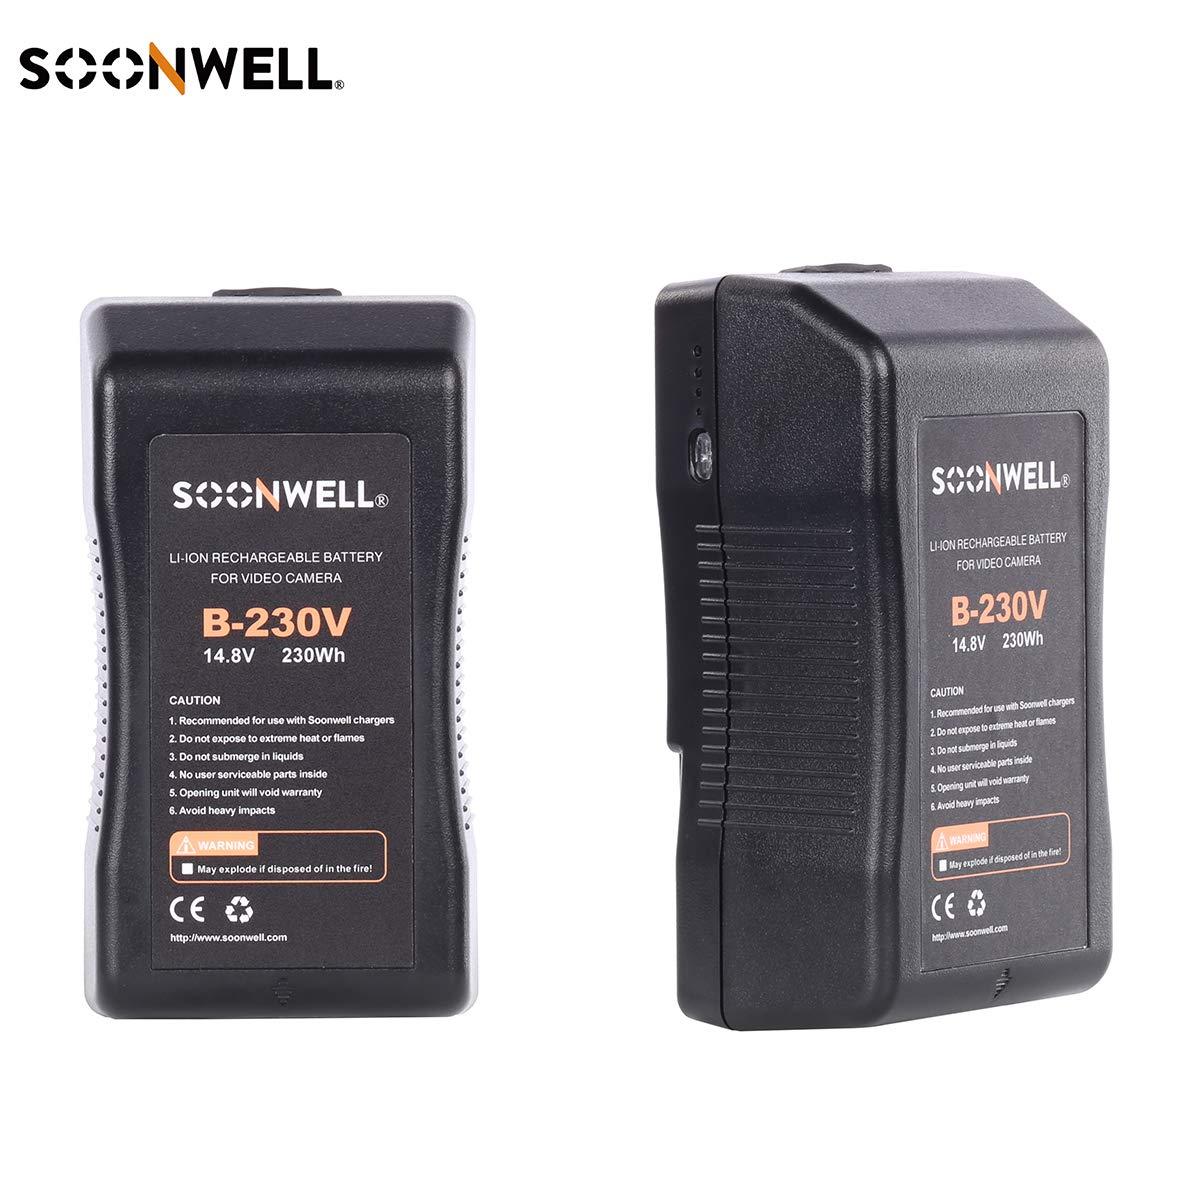 SOONWELL 230Wh 14.8V 充電式 V-マウント V-ロック リチウムイオン バッテリーパック 写真 ビデオ カメラ カムコーダー LED ライト モニター B07PJKGXRV